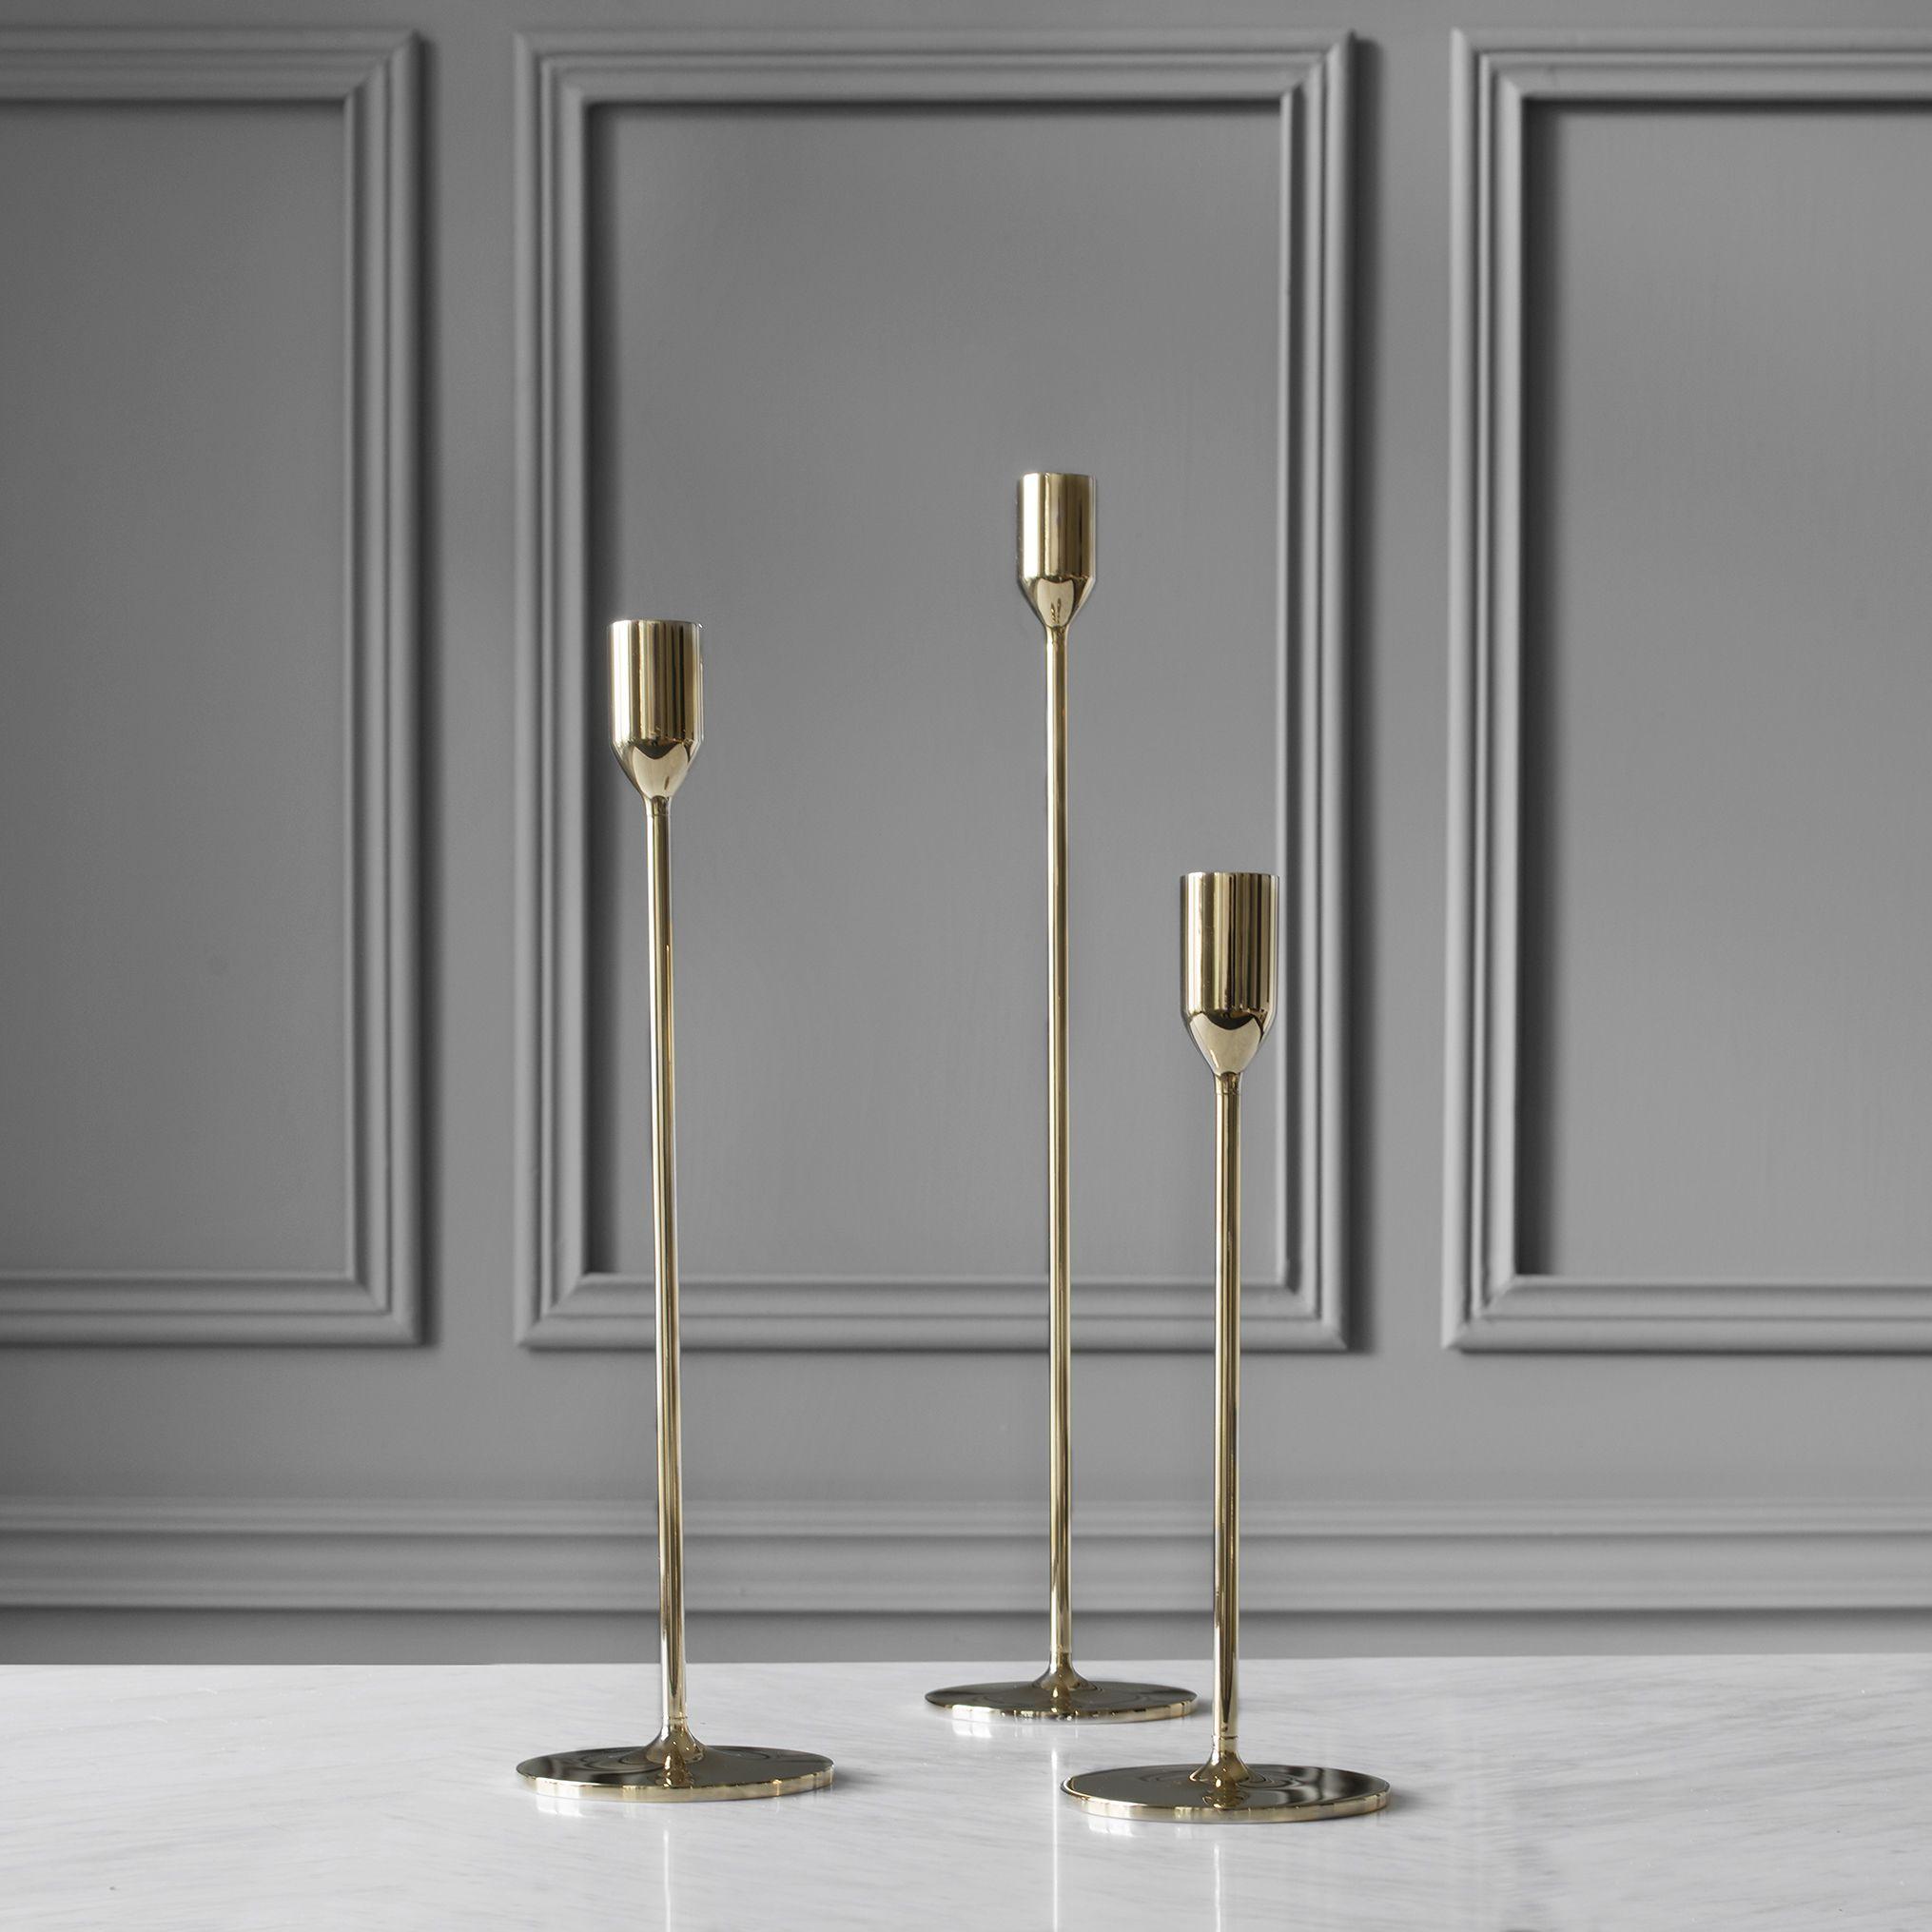 Nattlight candlestick design richard hutten ideas for the house